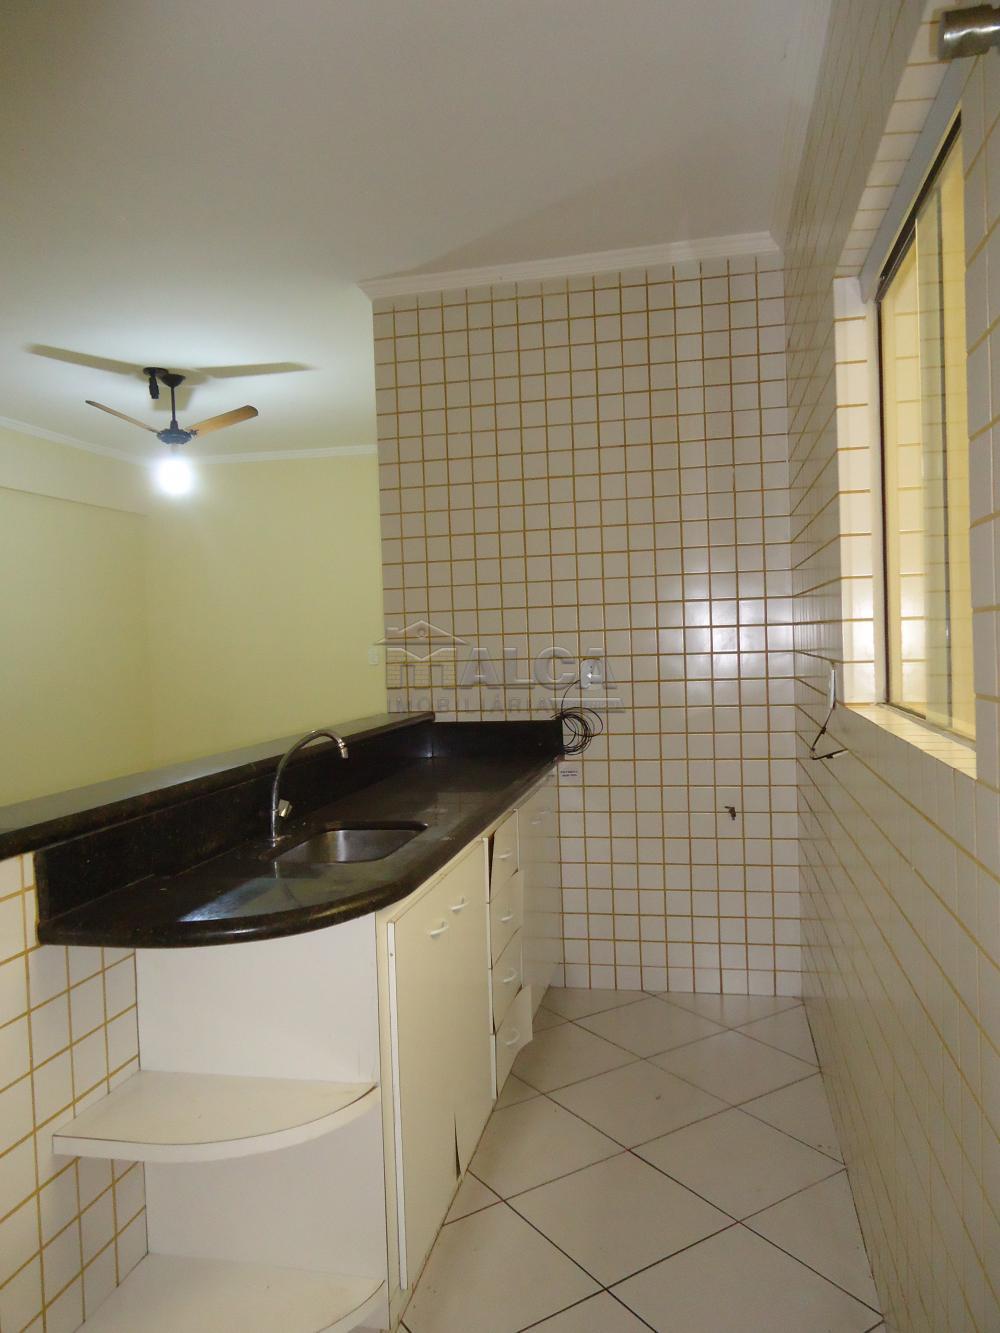 Alugar Apartamentos / Padrão em São José do Rio Pardo apenas R$ 1.500,00 - Foto 10